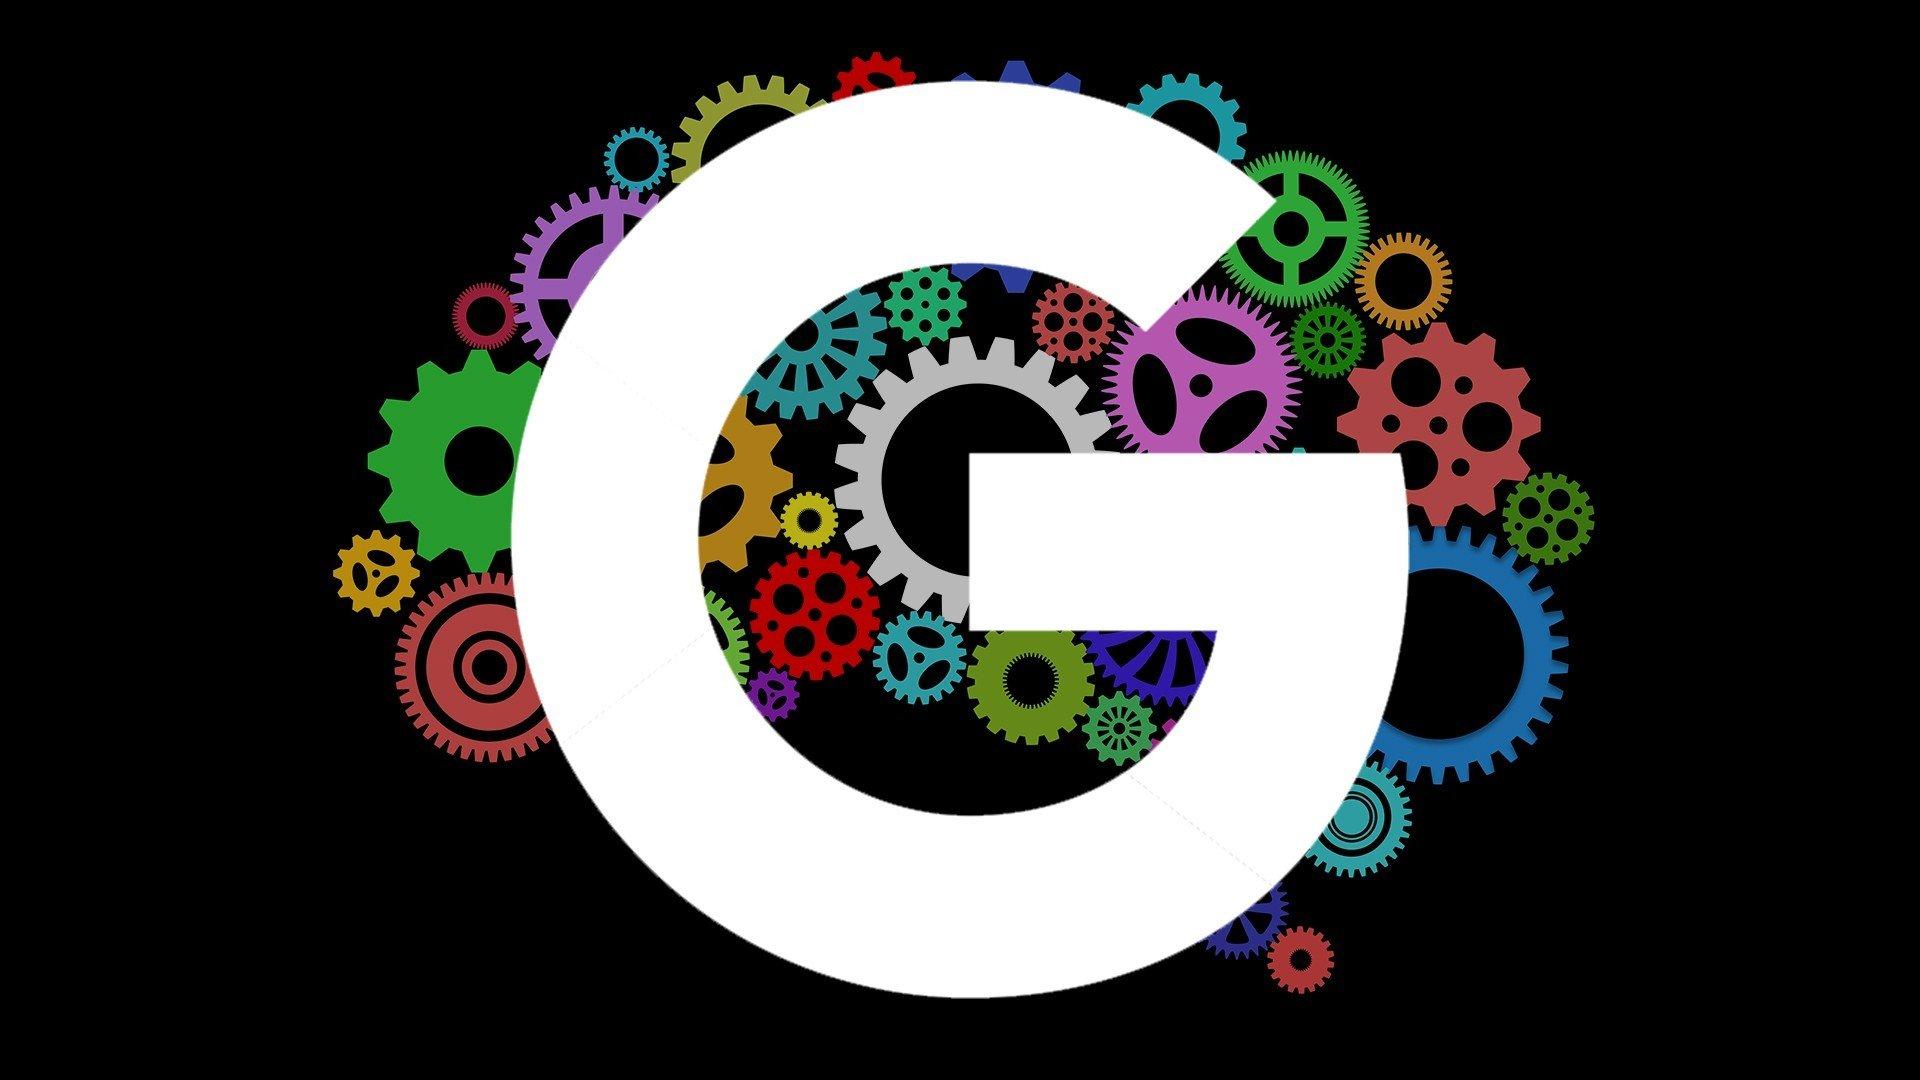 Google ra mắt công cụ quảng cáo thông minh ứng dụng Machine Learning